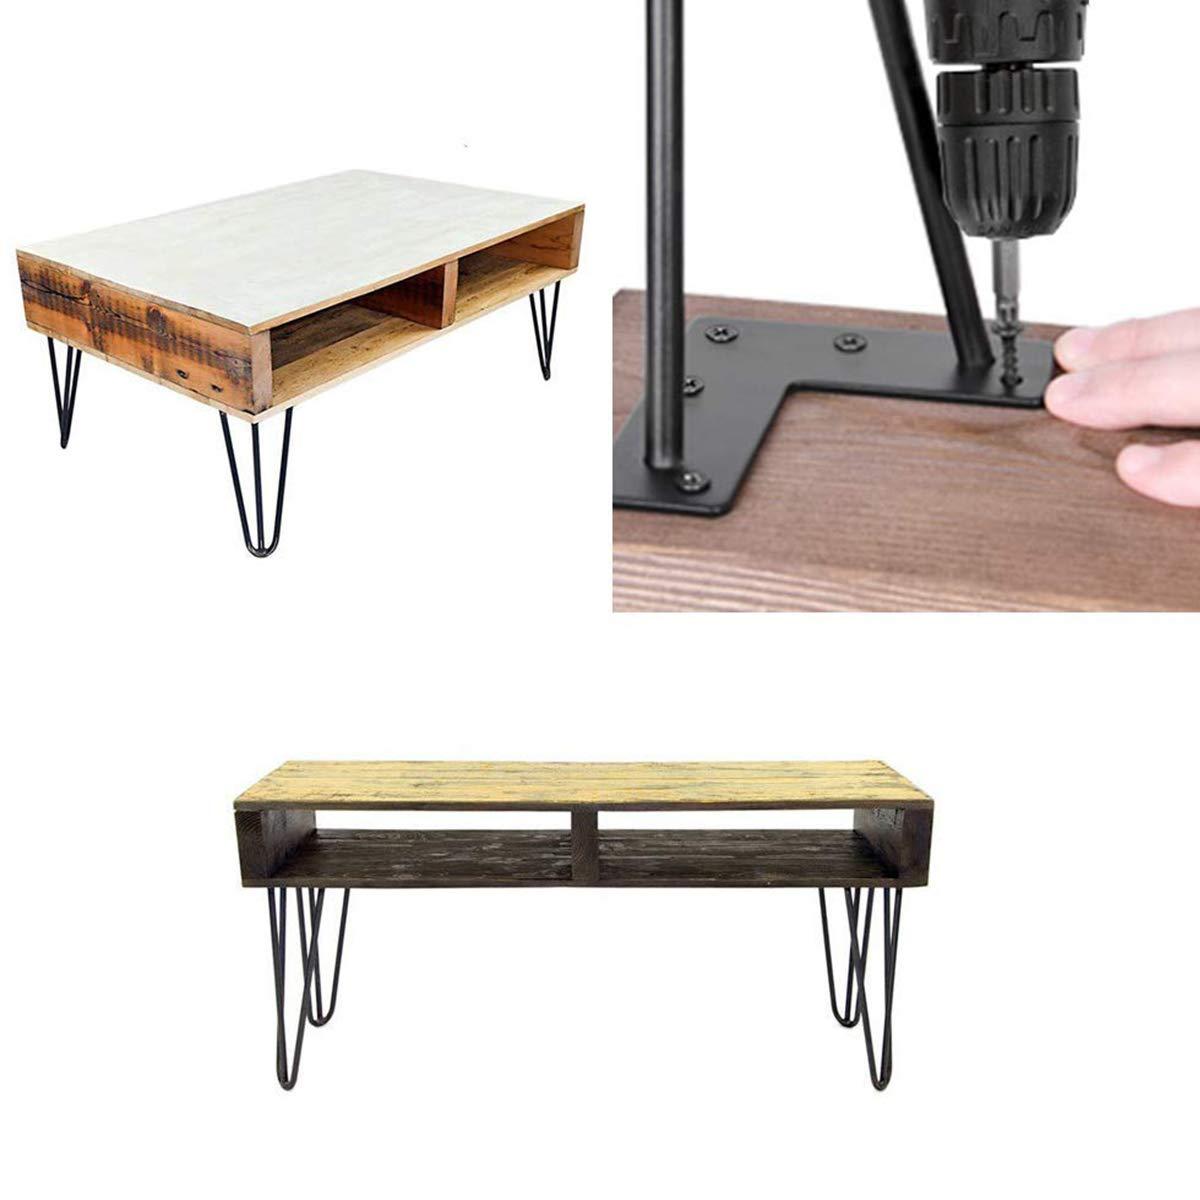 Pied Meuble Scandinave 4pce Pieds Epingle DIY Pieds pour Table Pied de Chaise avec 20 Vis 4 Prot/ège Pieds 75cm-60mm- Table